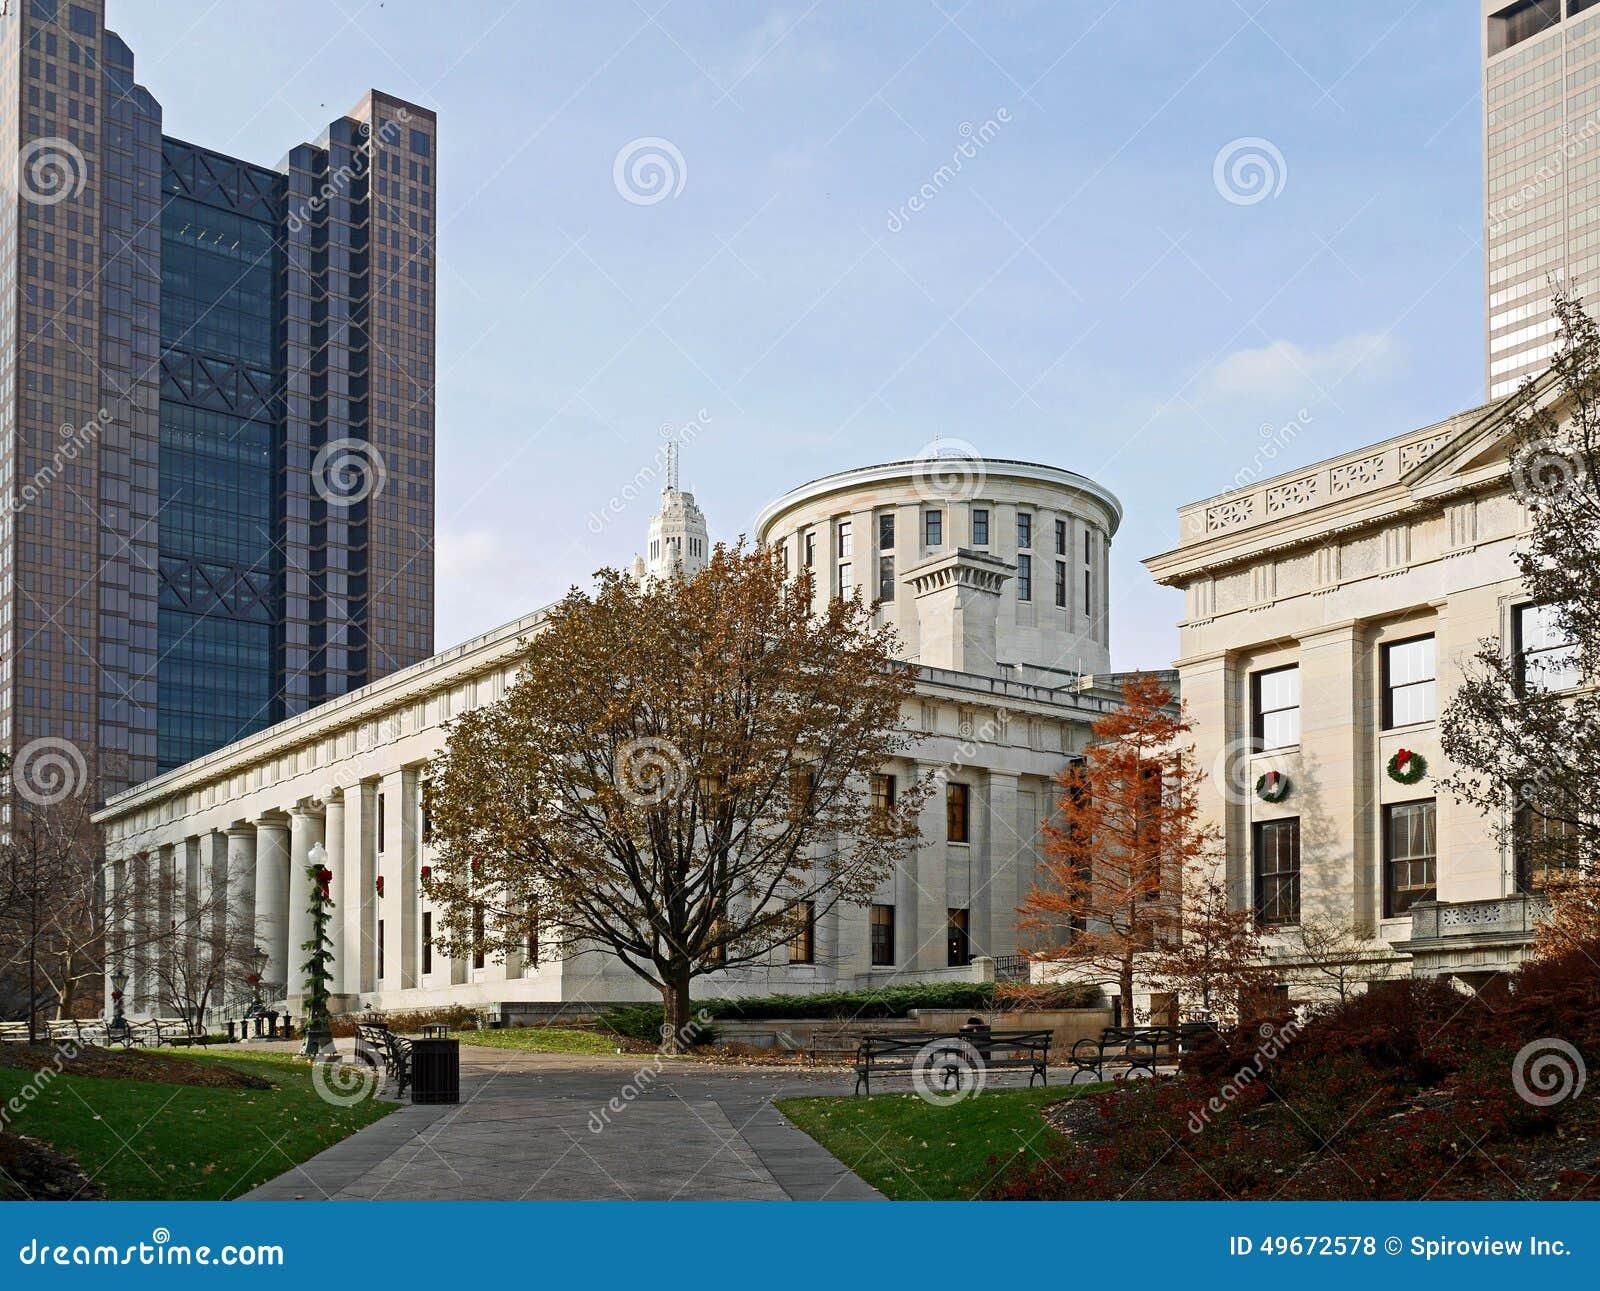 Columbus State Capitol Building